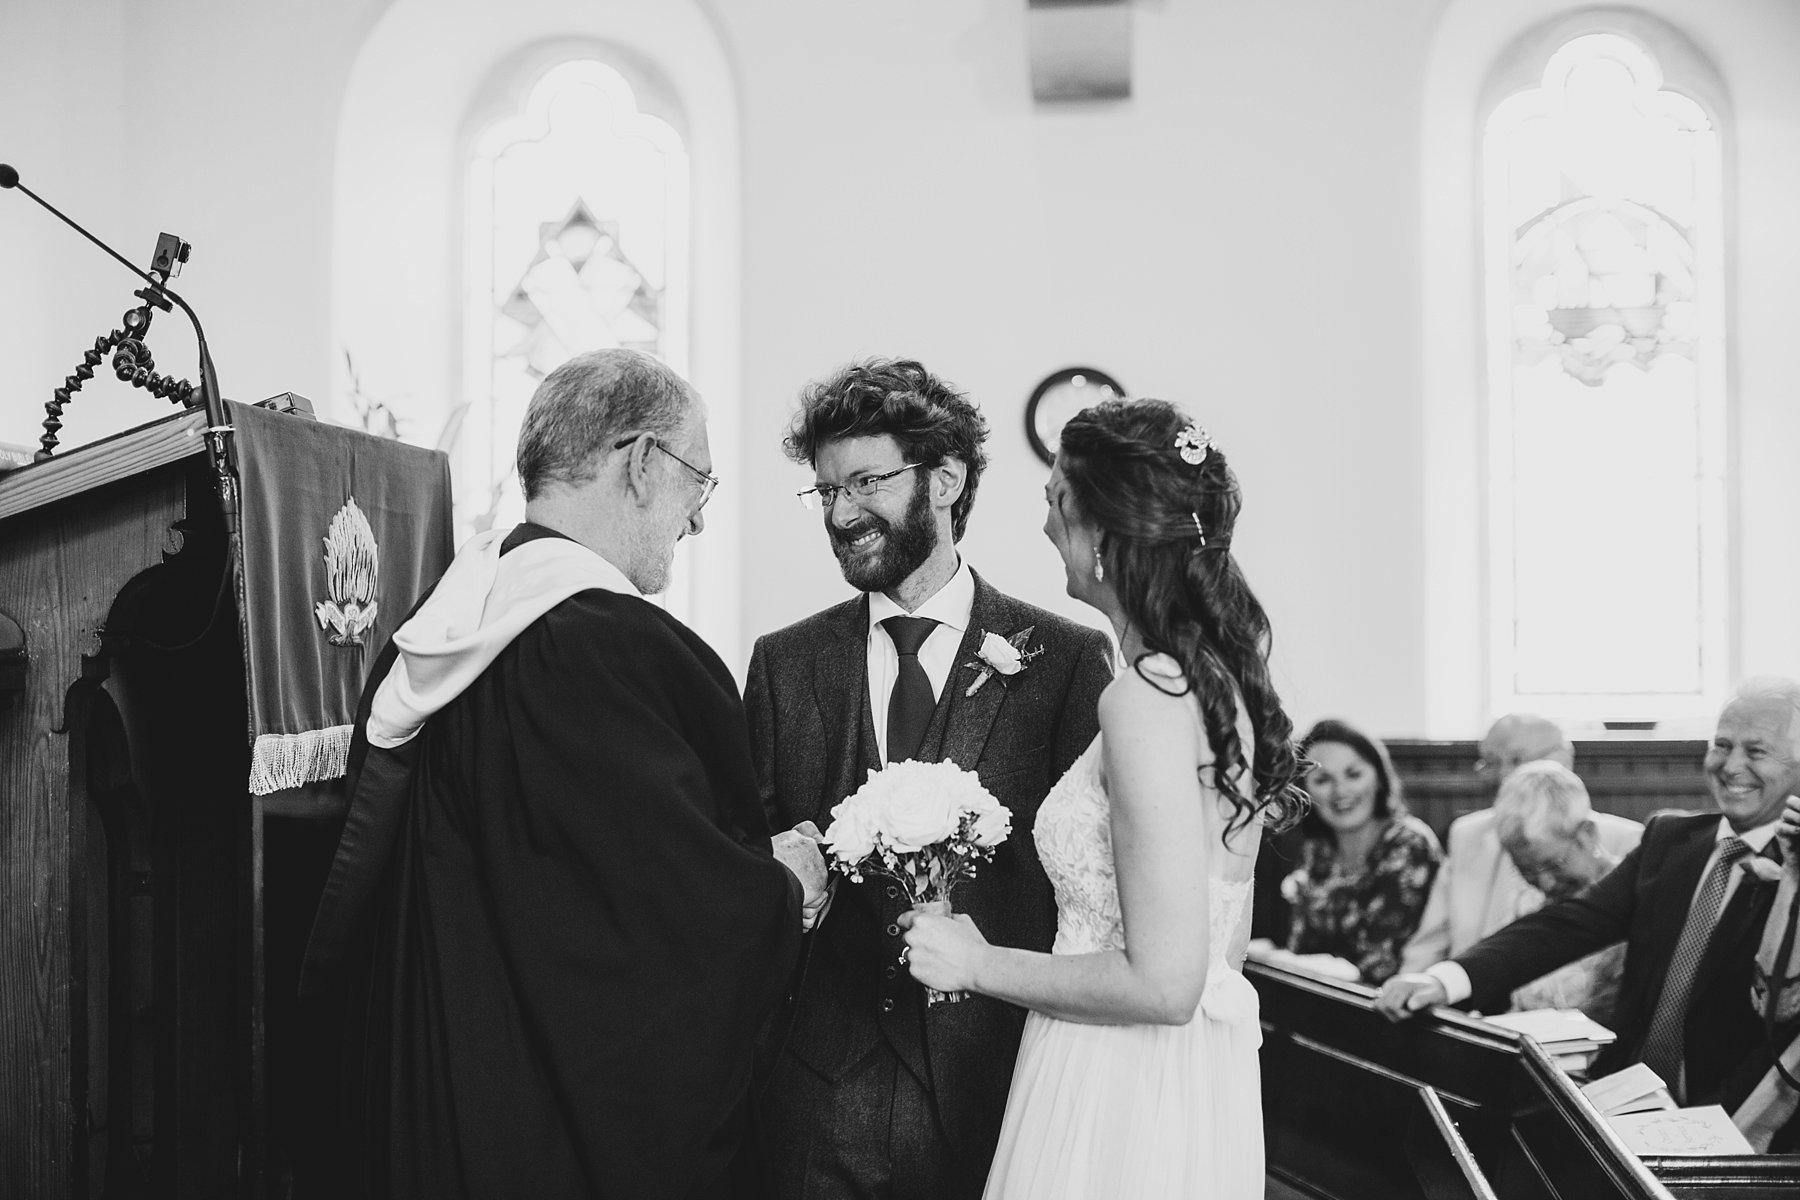 hornhead_donegak_elopement_weddings_0033